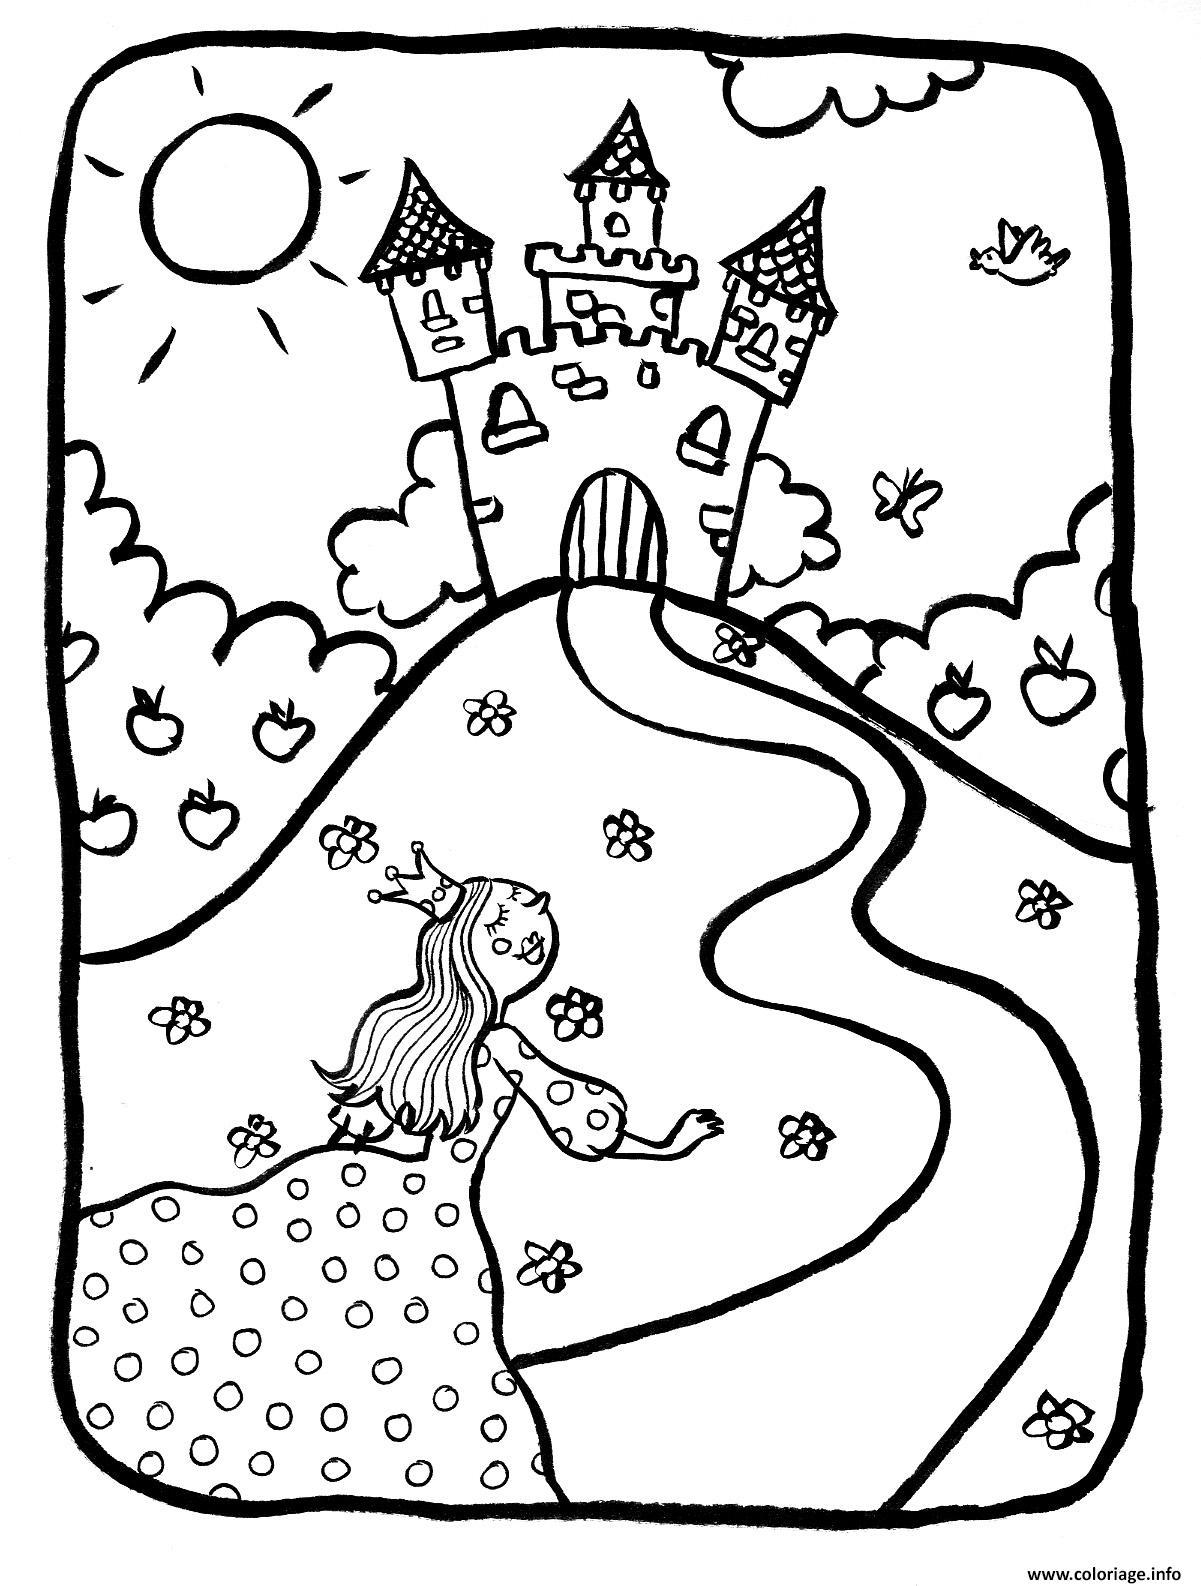 Coloriage Dessin Chateaux Avec Princesse Dessin avec Coloriage À Imprimer Chateau De Princesse